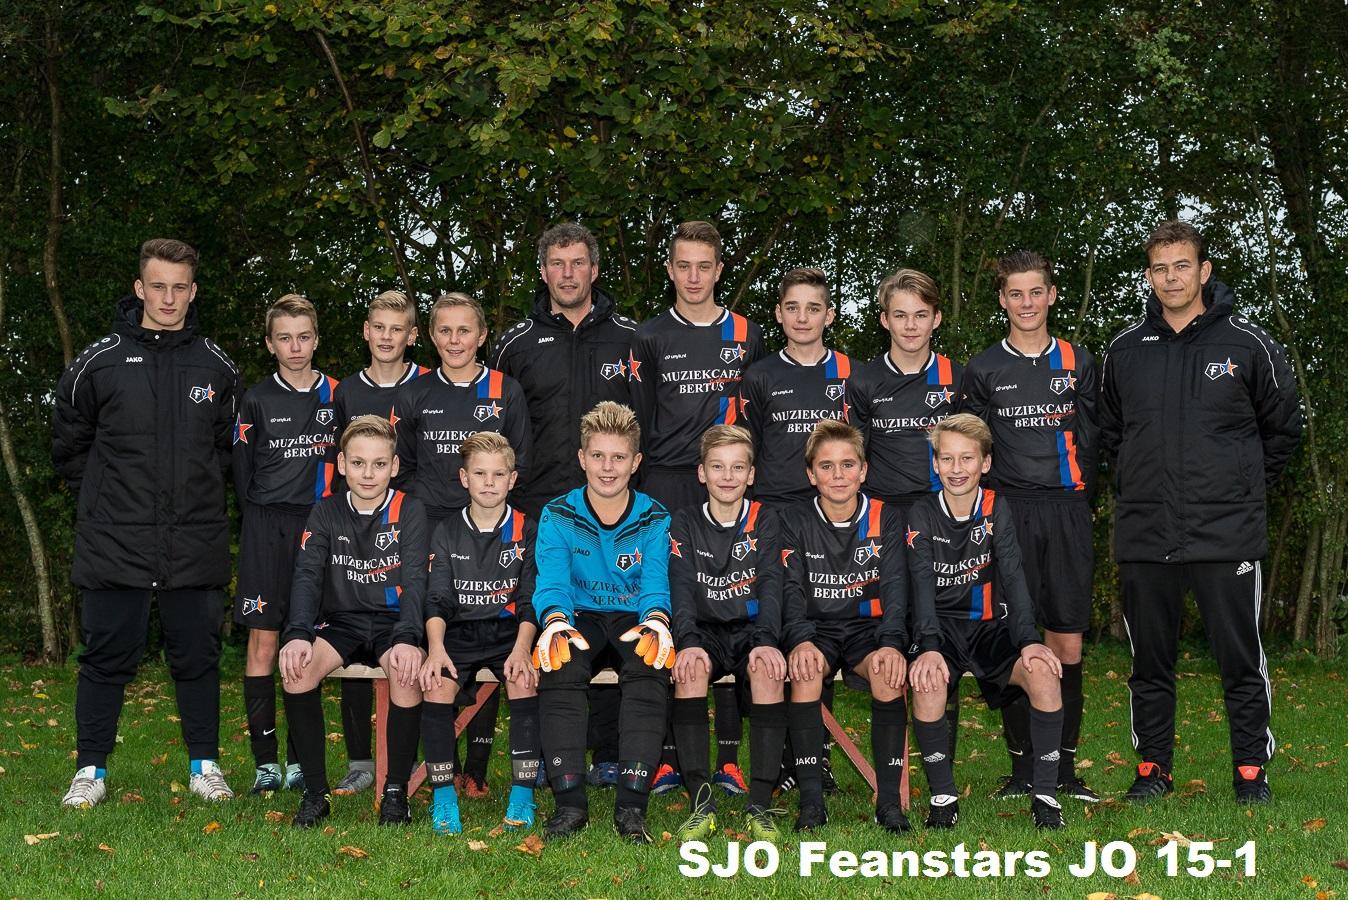 SJO Feanstars JO 15-1